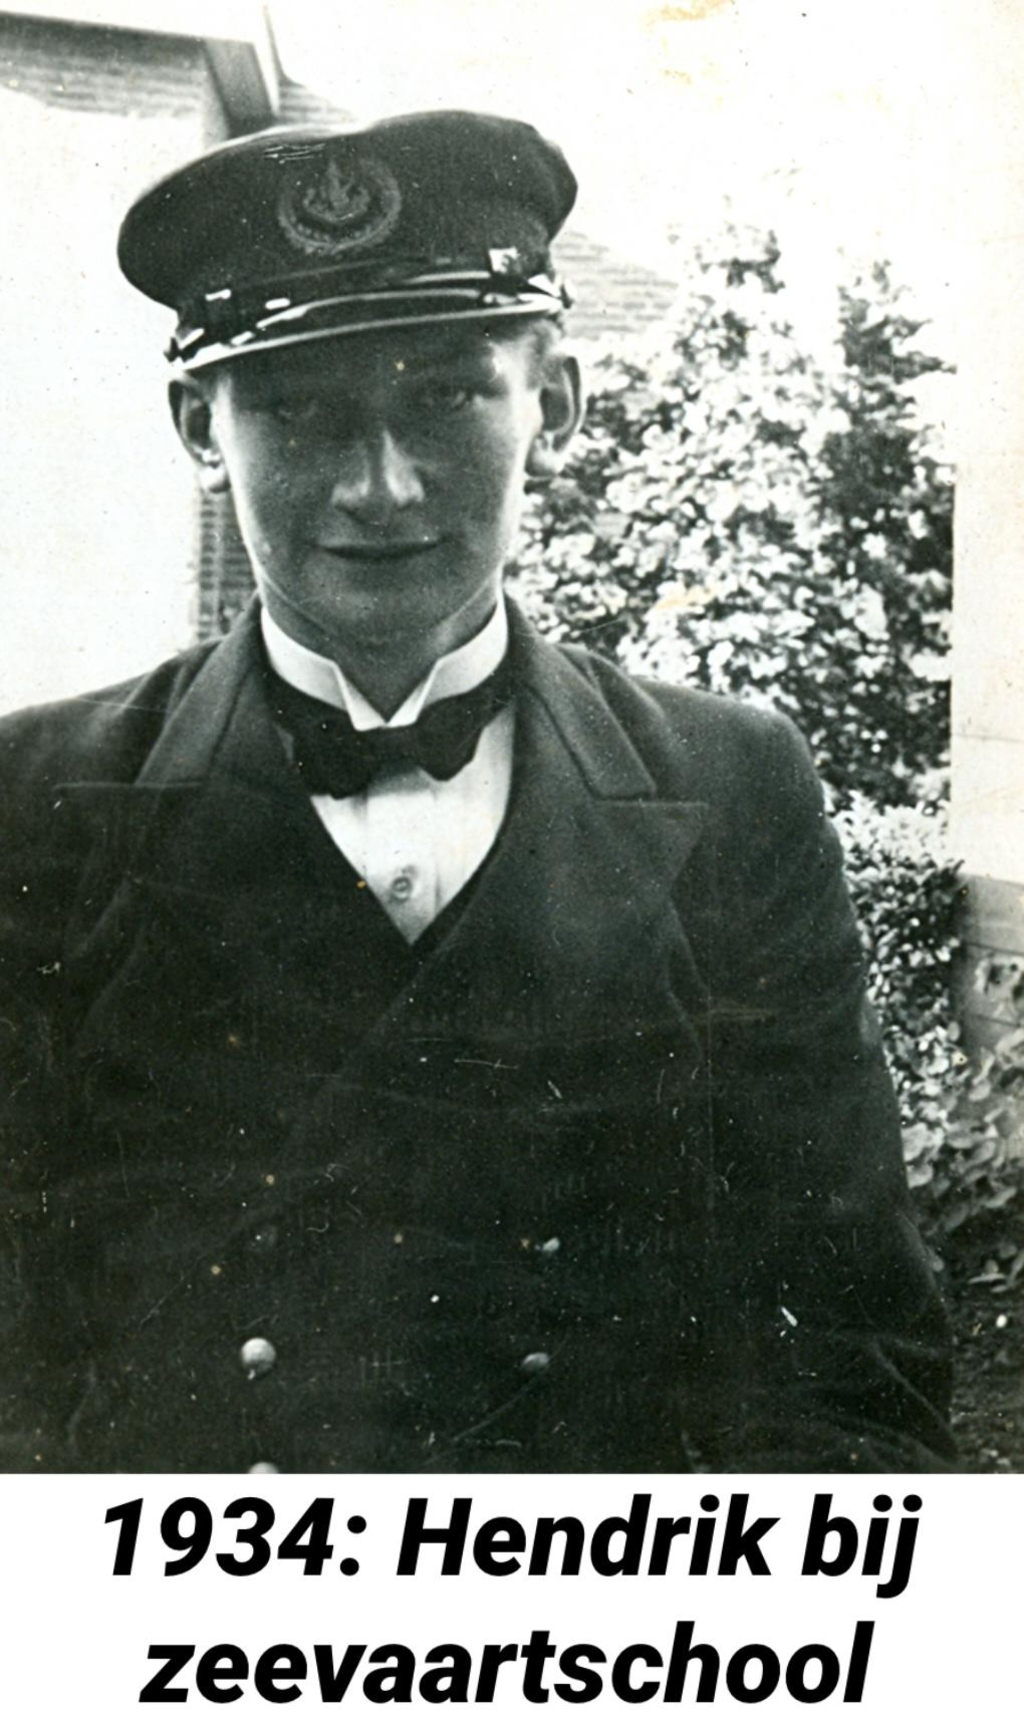 <p>Hendrik bij zeevaartschool, 1934.</p> (Foto: ) © rodi